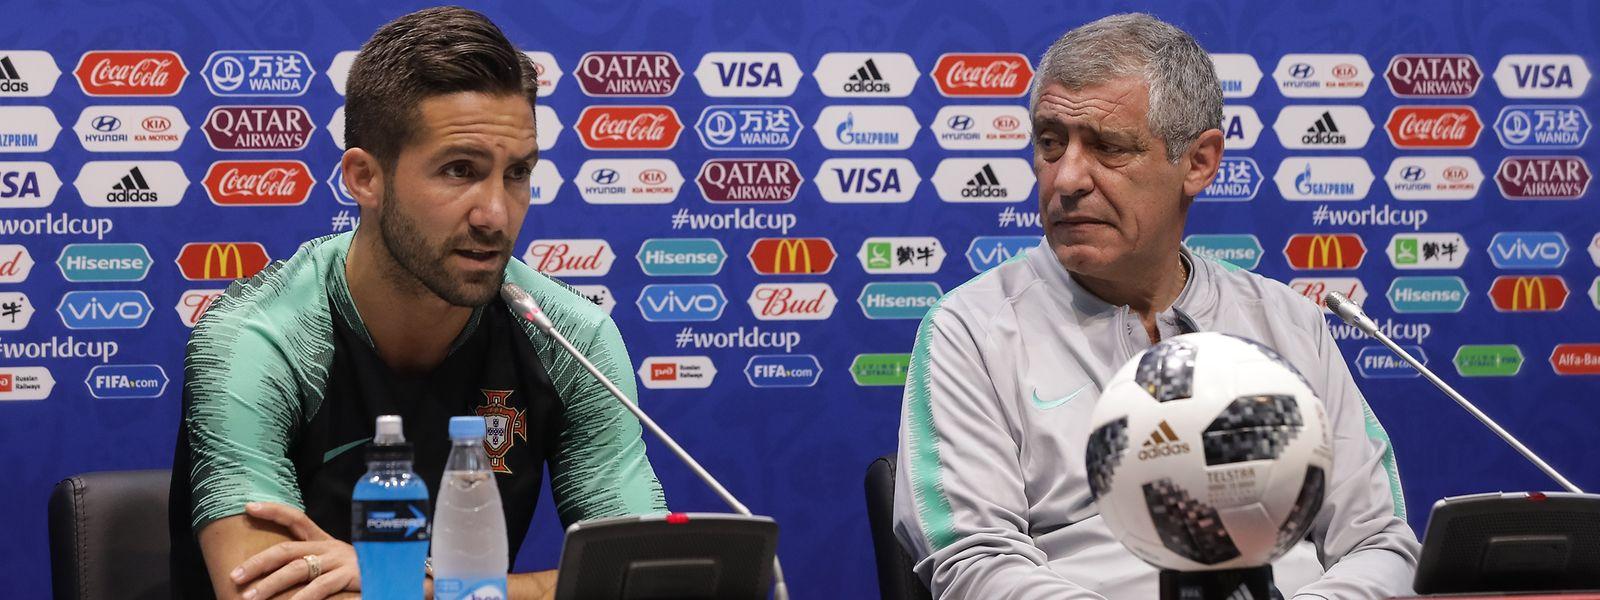 João Moutinho e Fernando Santos na conferência de imprensa de antevisão do jogo Portugal-Espanha, em Sochi, na Rússia, 14 junho 2018. PAULO NOVAIS/LUSA